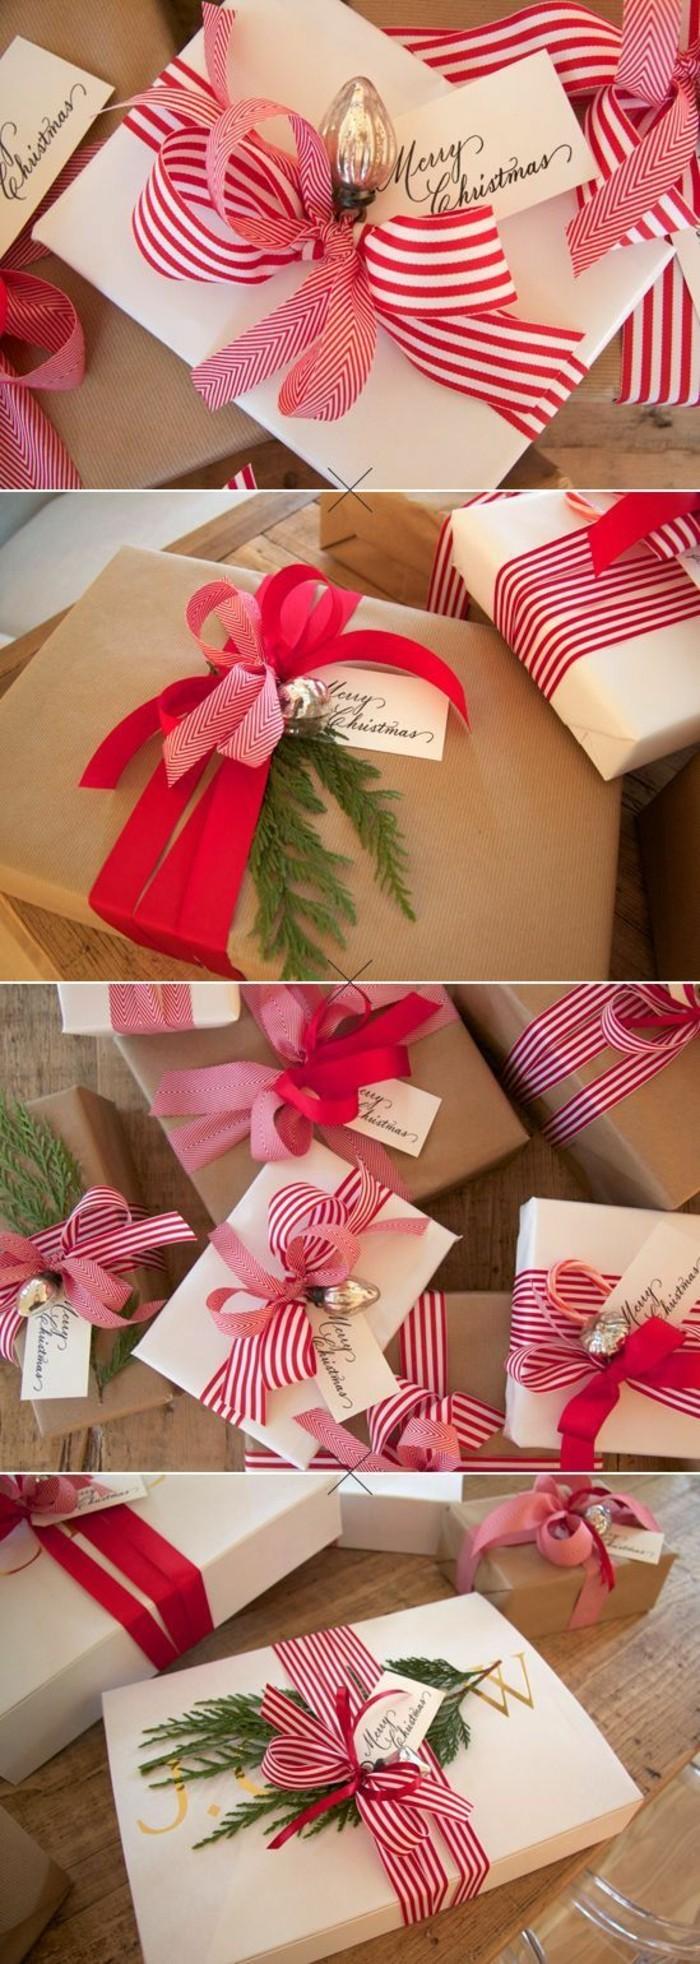 geschenkverpackung-geschenkschachtel-schleifen-in-rot-und-weis-zweige